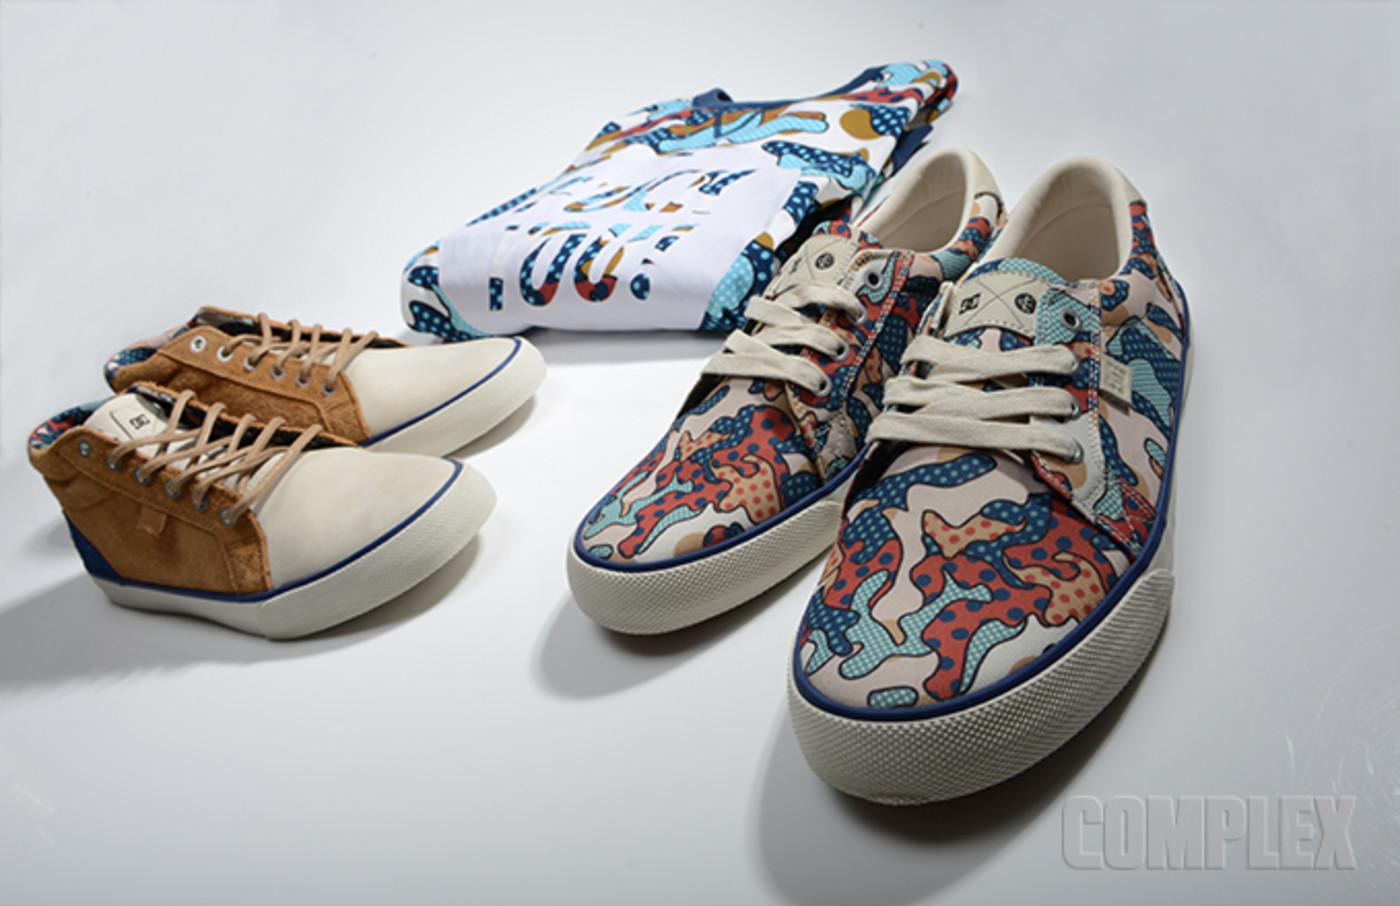 DC Shoes x CYRCLE. Collaboration